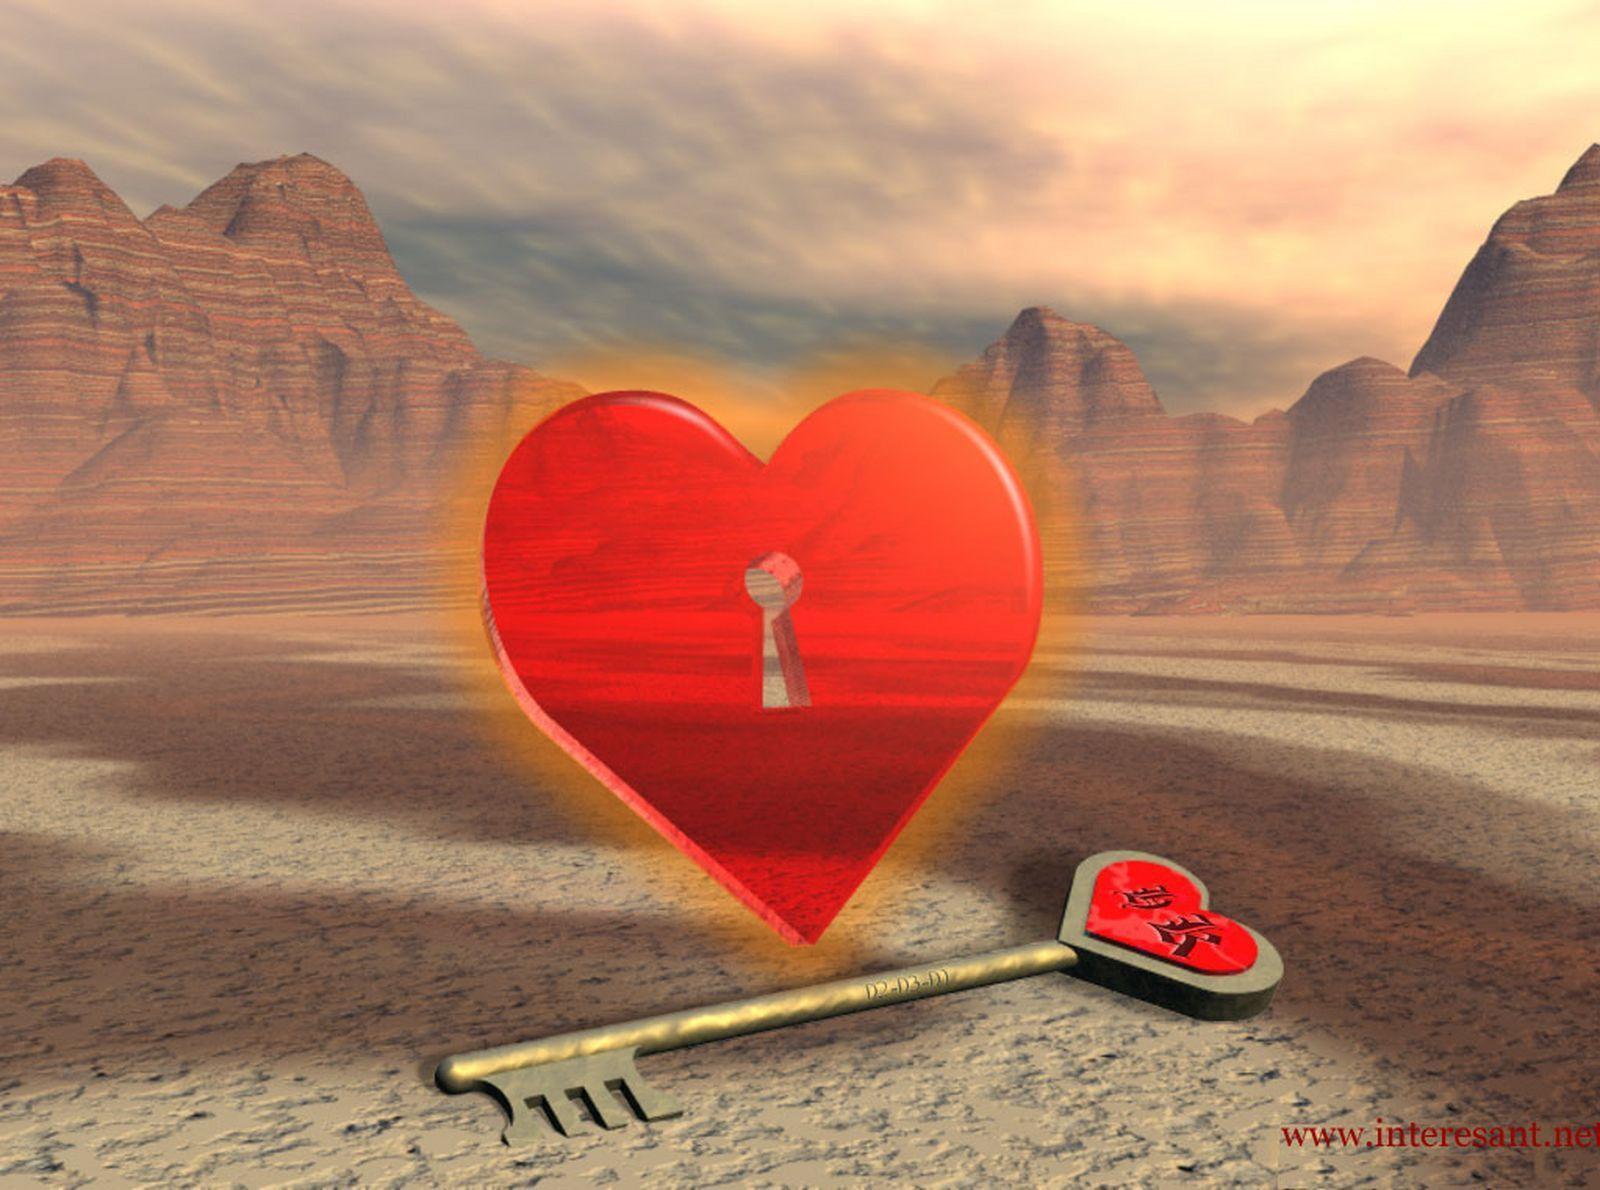 http://1.bp.blogspot.com/-M4Vrz-1-d9w/UKCvhNTmHnI/AAAAAAAAAUI/I1gVkhJ6i7A/s1600/Love-Wallpaper-love-2939258-1600-1190.jpg